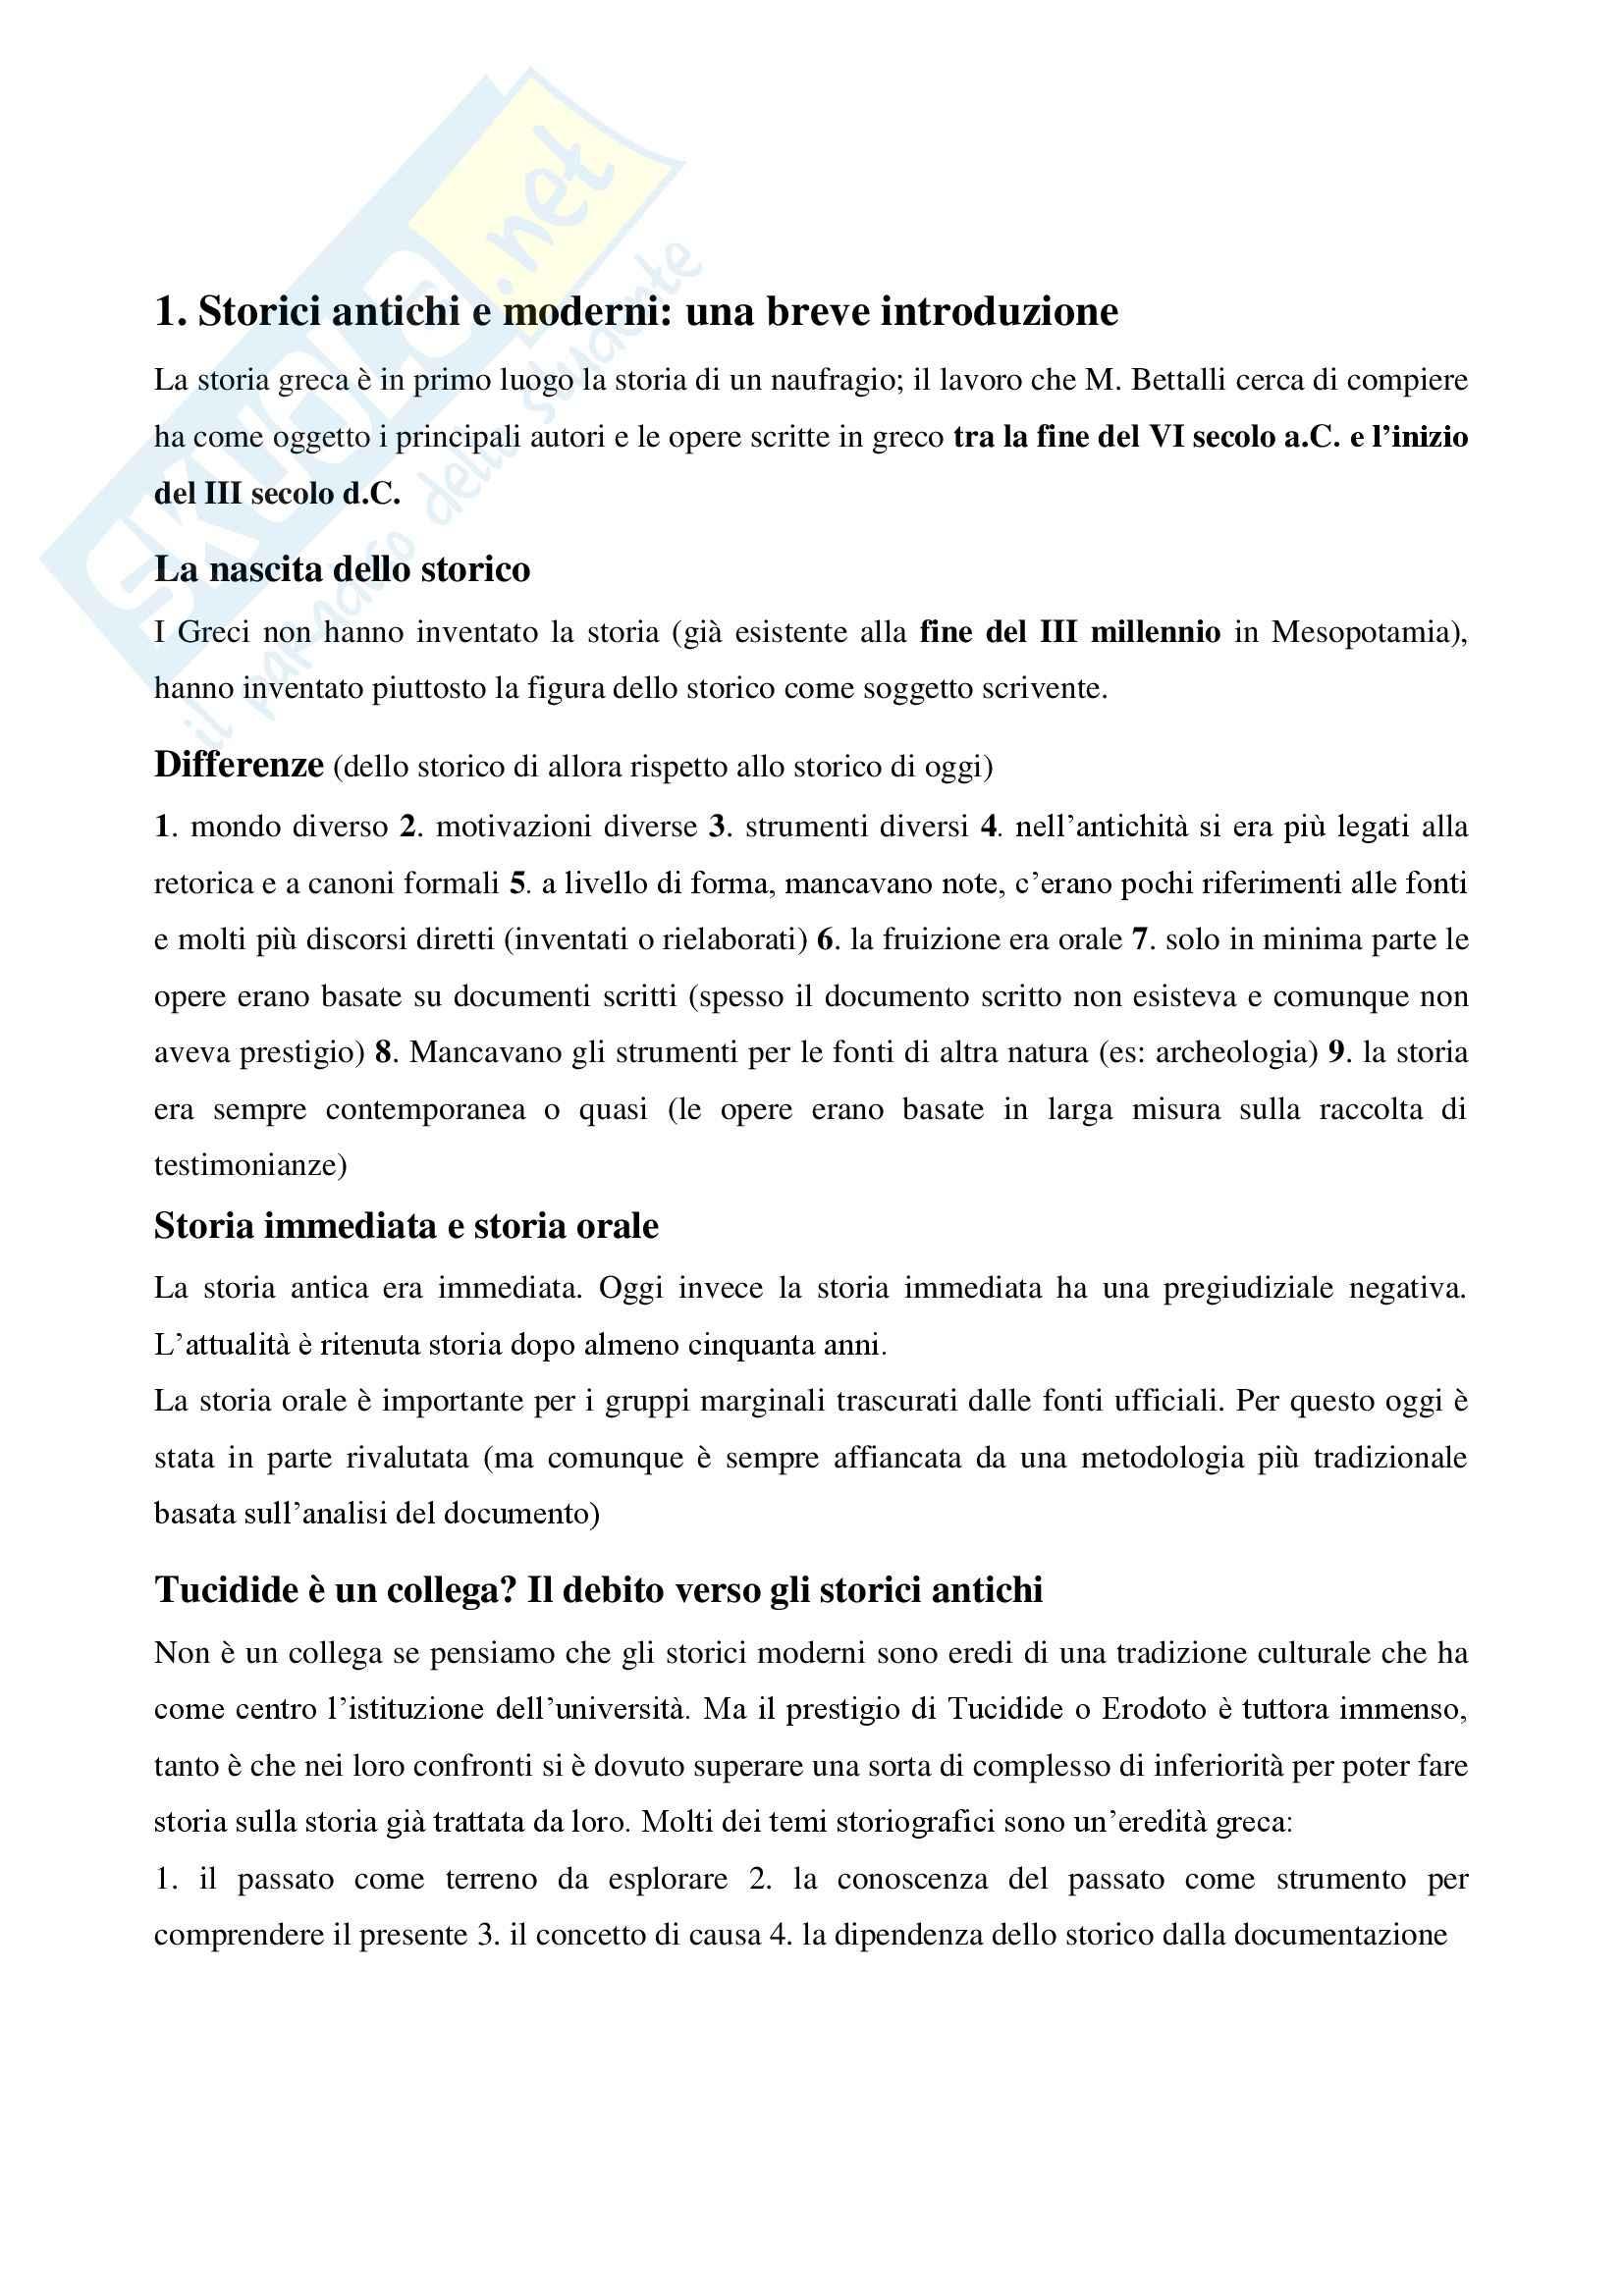 Riassunto esame storia greca, prof. Antonetti, libro consigliato Introduzione alla storiografia greca, Marco Bettalli